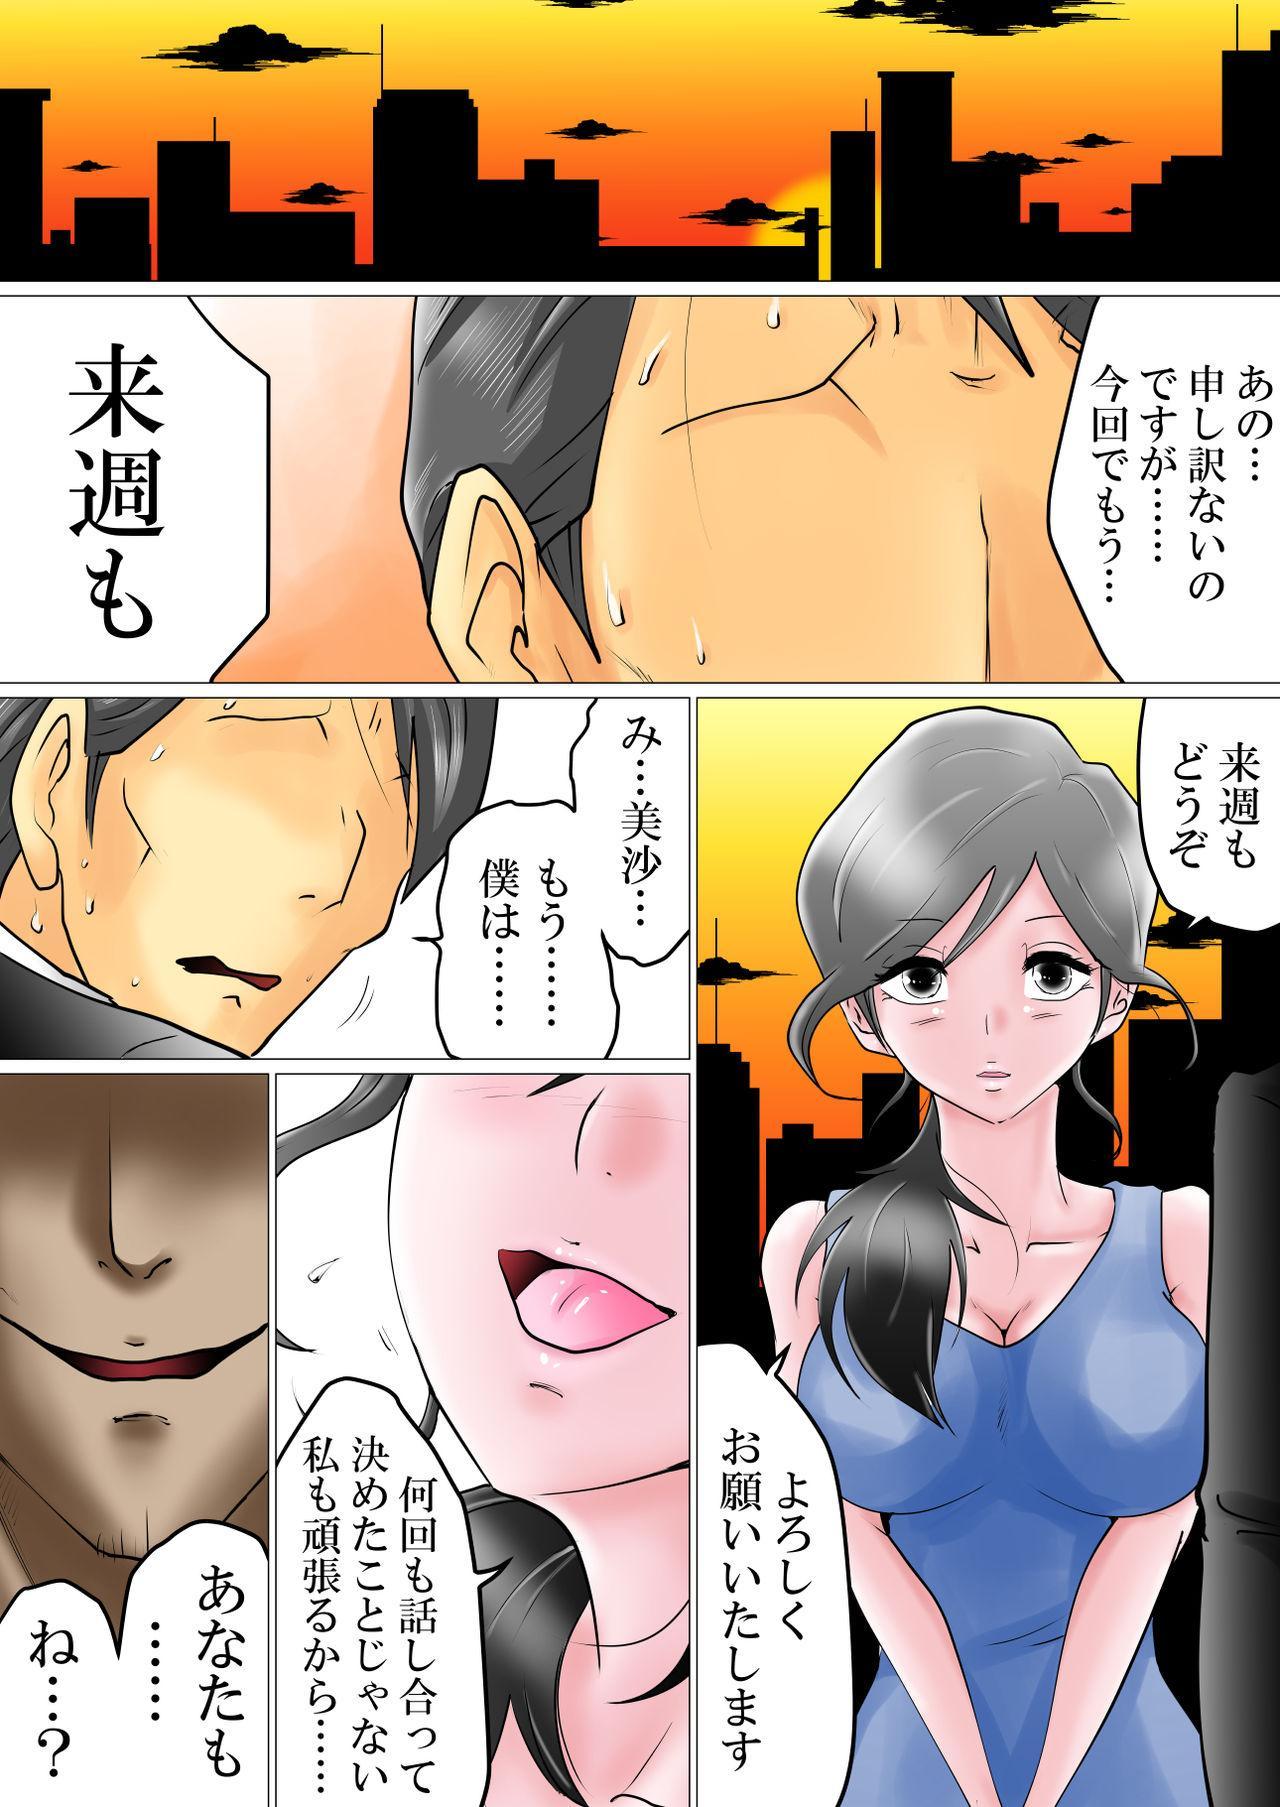 Tanetsuke Irai ~Funin ni Nayamu Fuufu ni Nakadashi o Irai Sareta Benriya no Hanashi 41